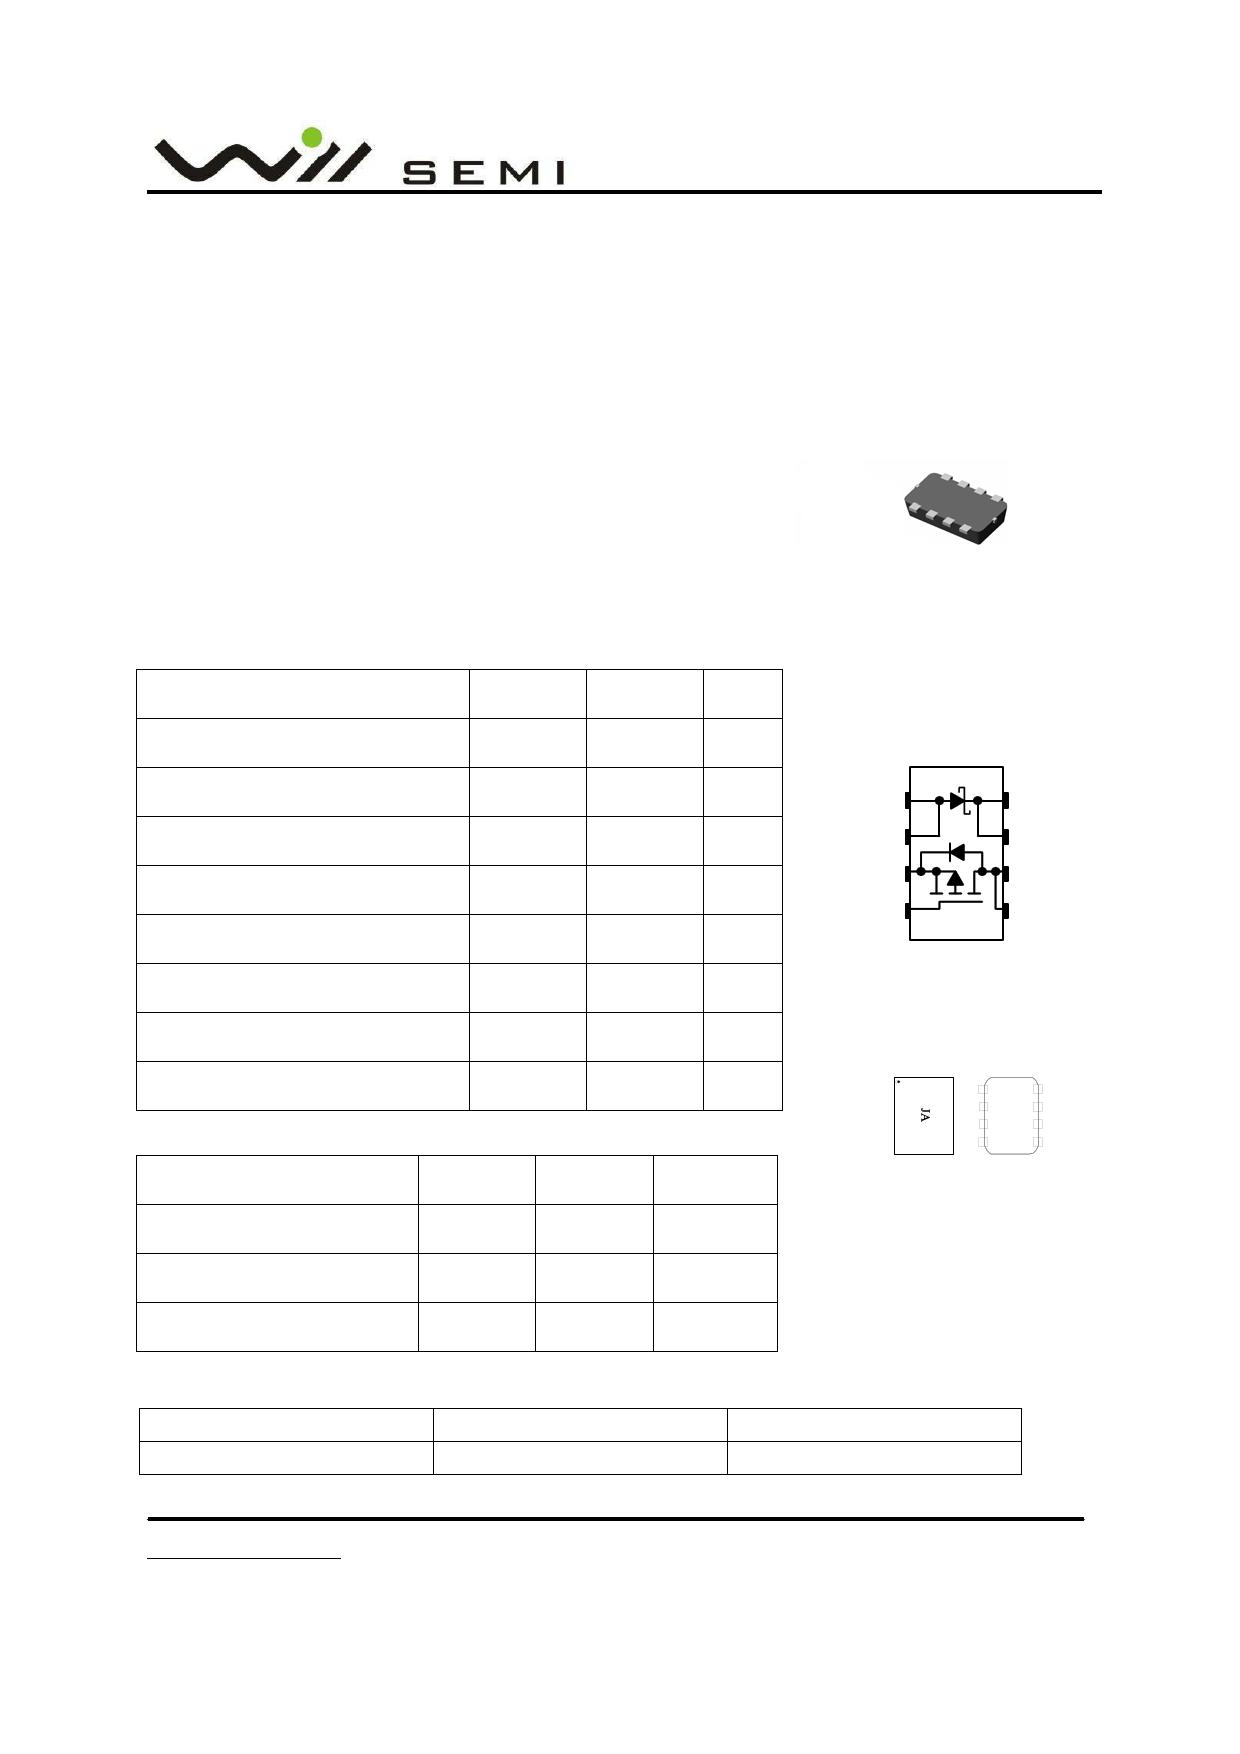 WPM2005B datasheet